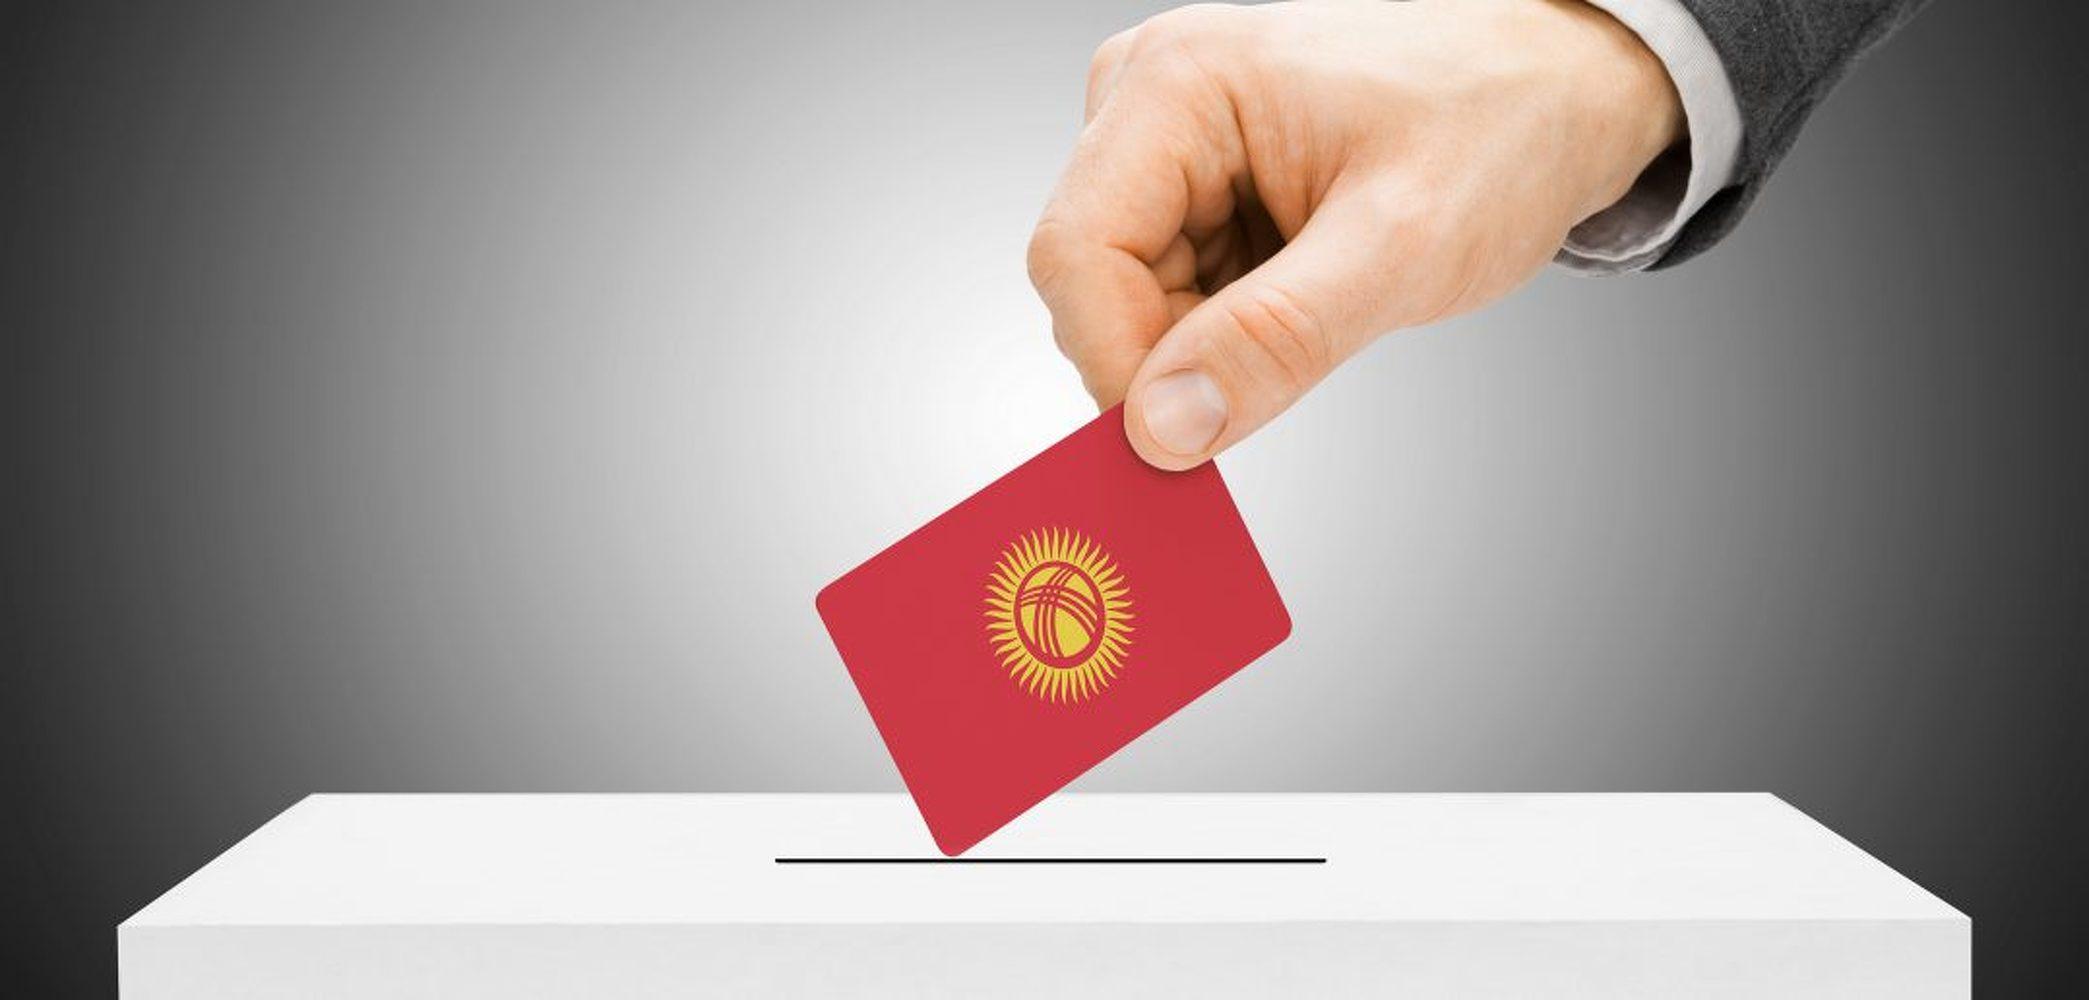 Түркия Кыргызстандагы шайлоого жардам катары 100 миң доллар берет